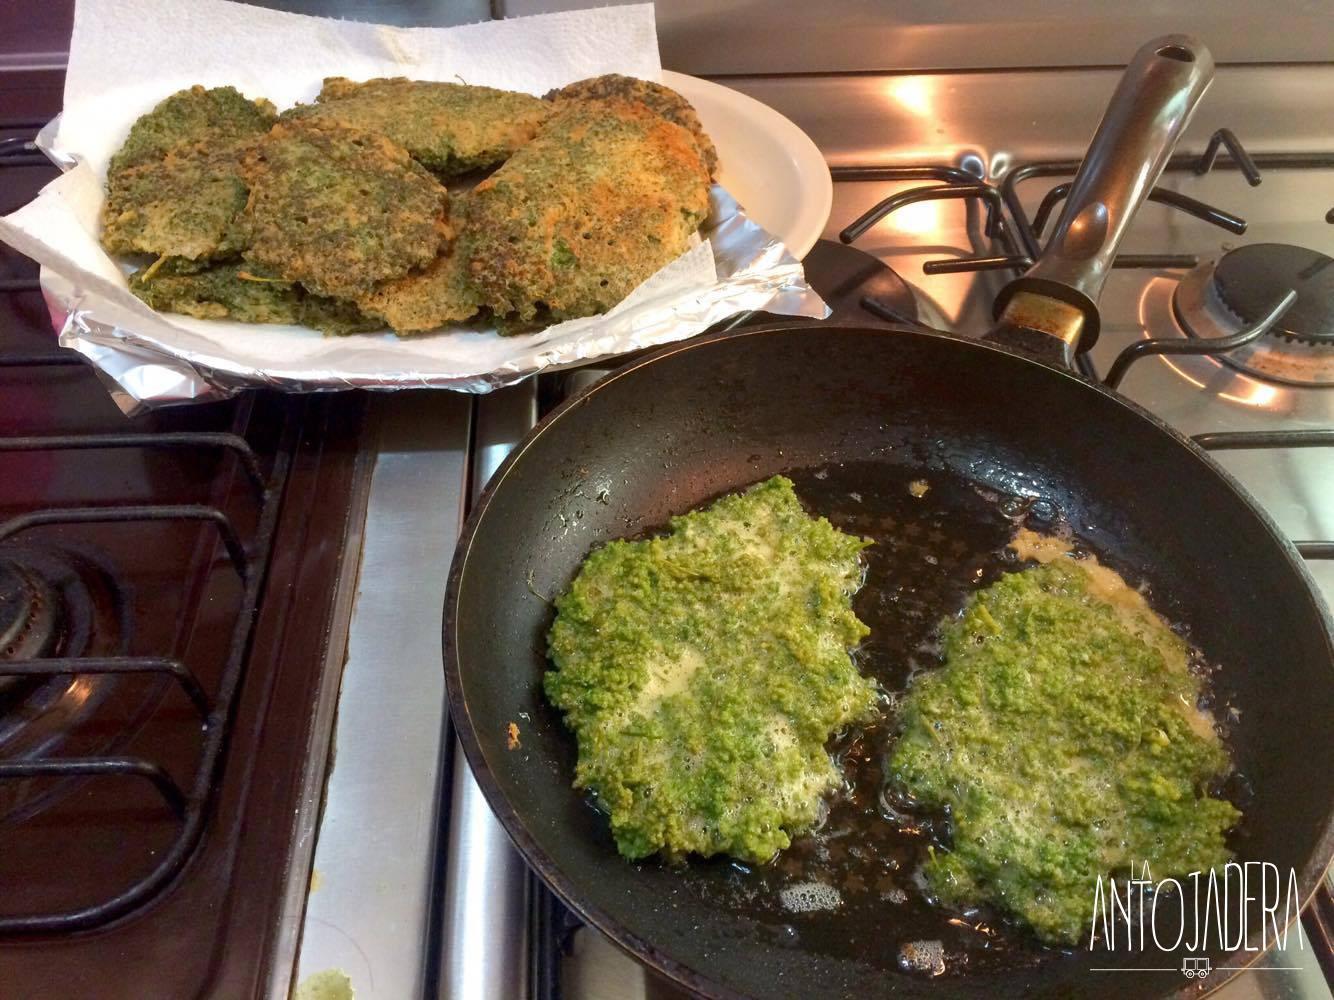 La Antojadera | Tortitas de huazontles en Salsa de Chile Ancho